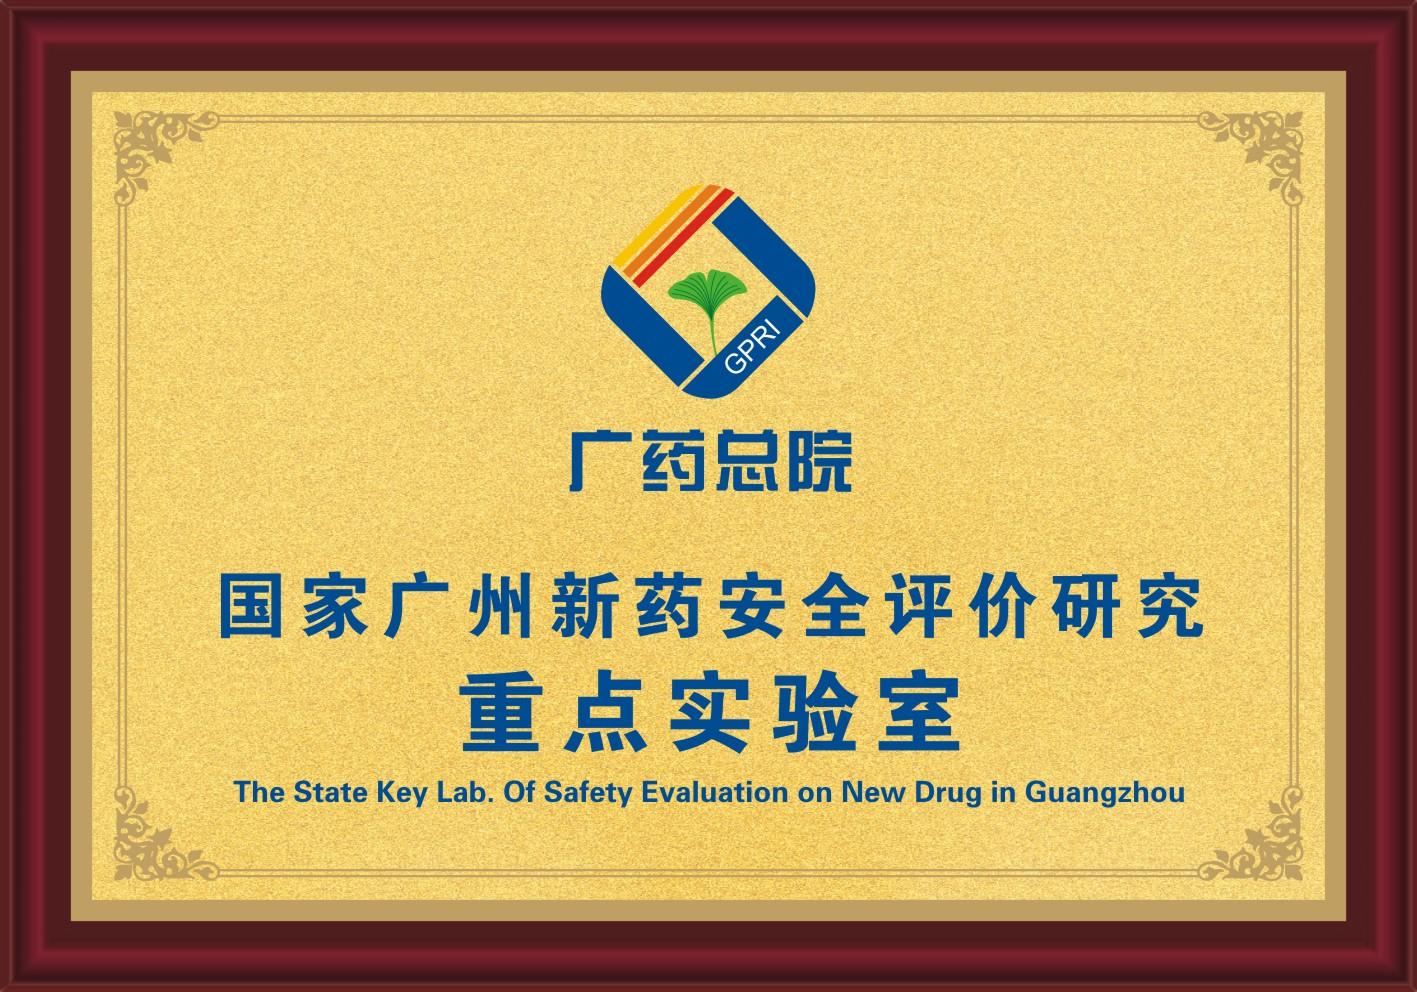 国家广州新药安全评价研究重点实验室